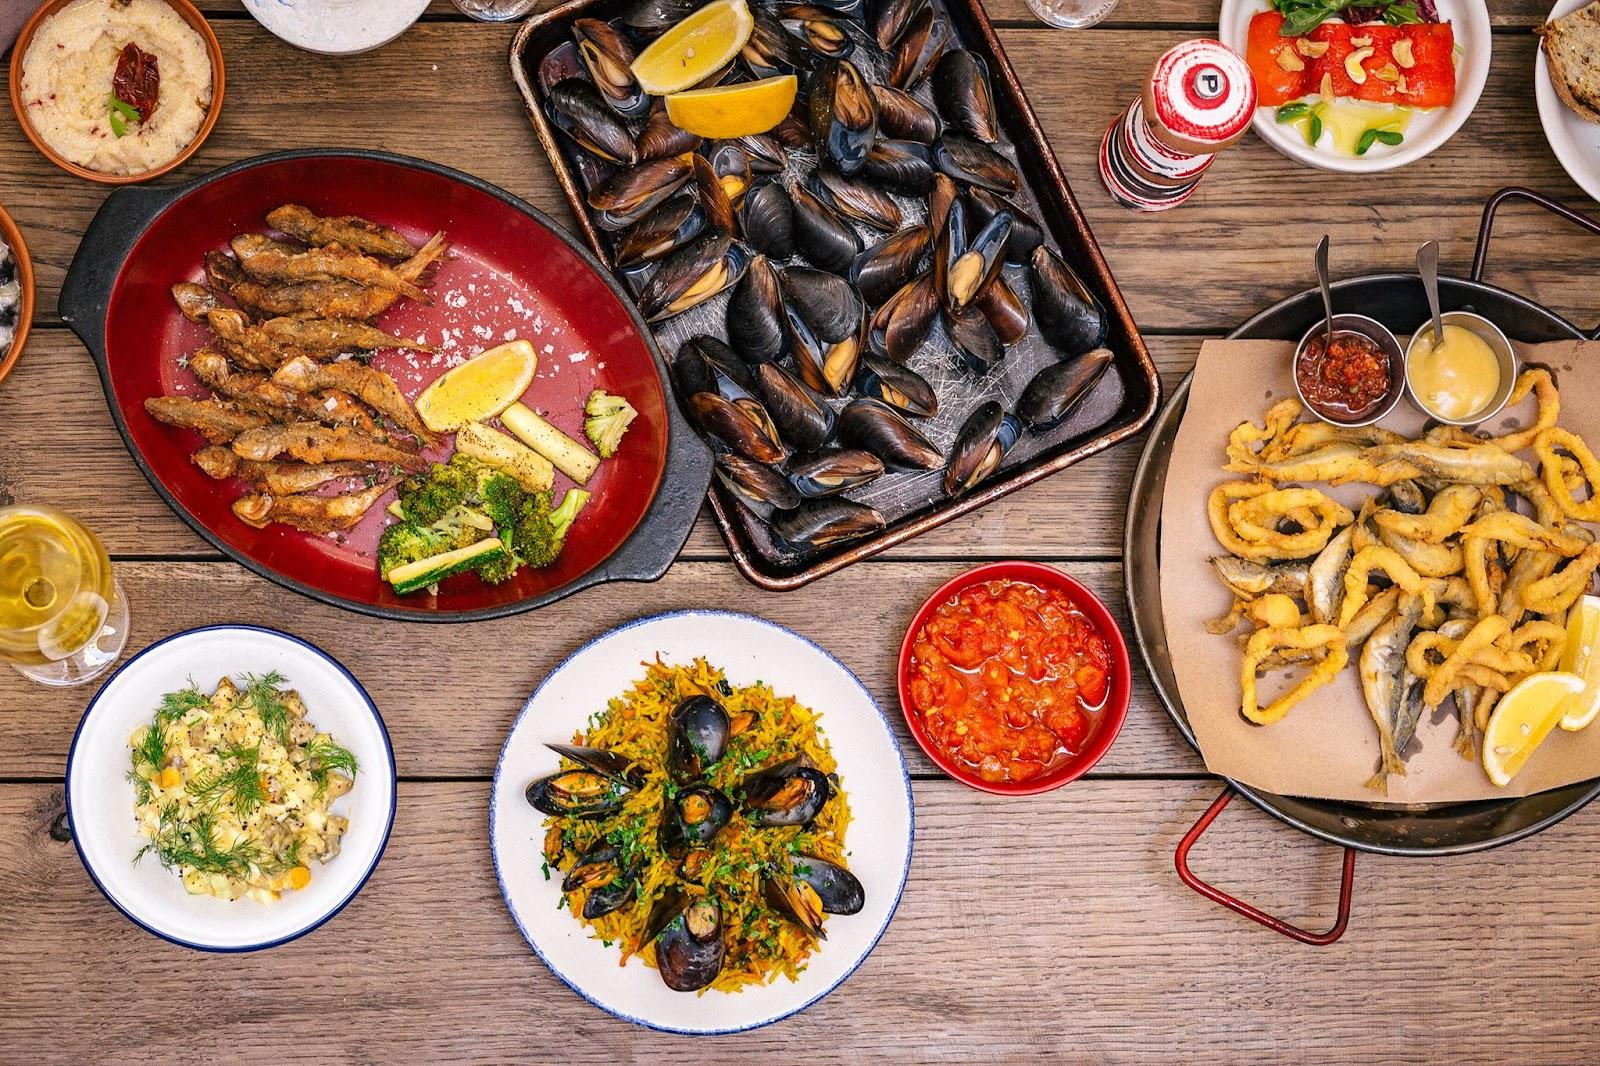 Рыбная закусочная «Фаршированная рыба» в Одессе – от жареных хрустящих бычков до мяса мидий в сливочно-сырном соусе.